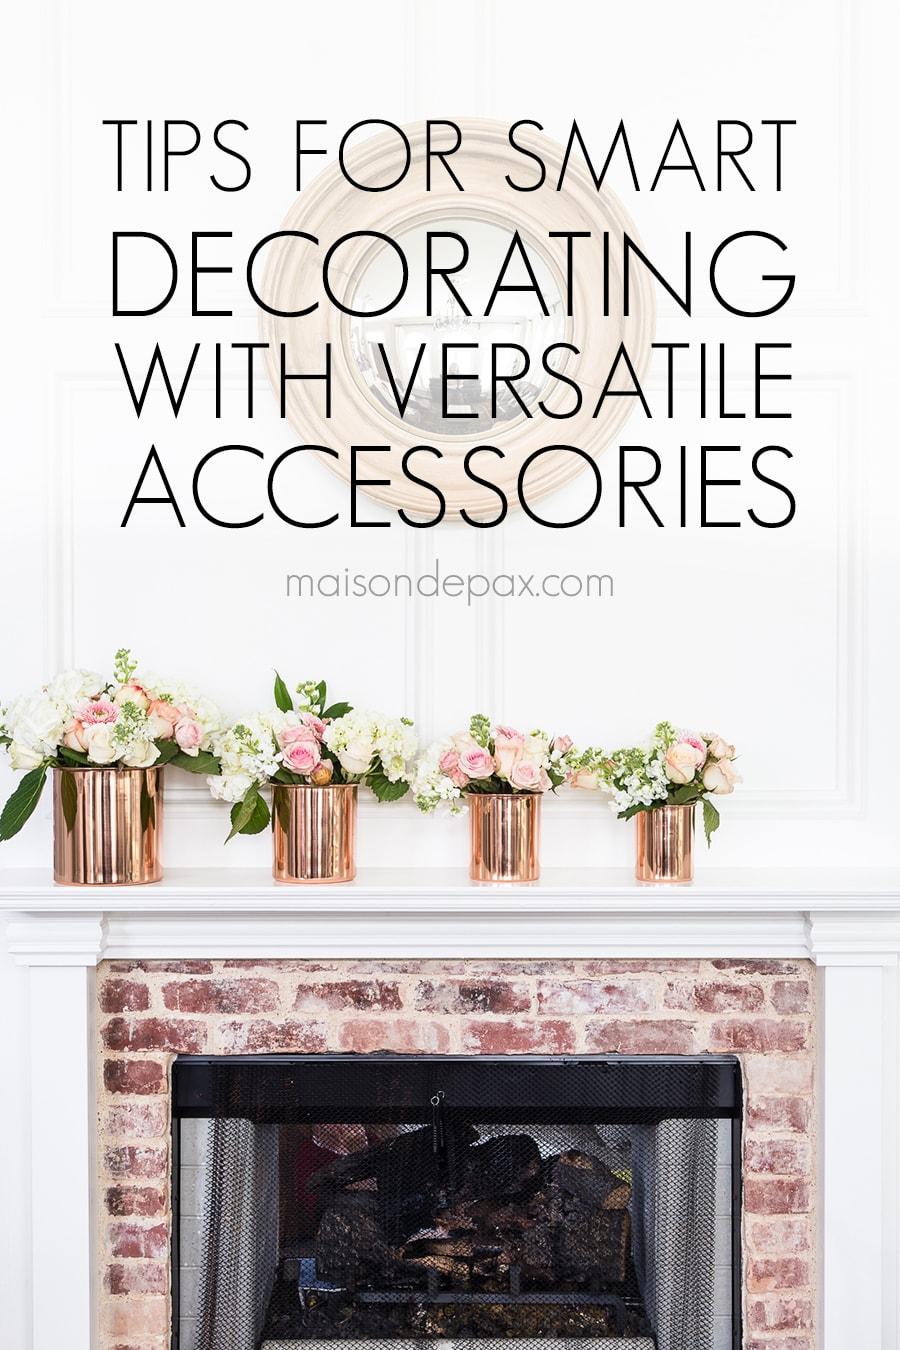 versatile accessories-sign